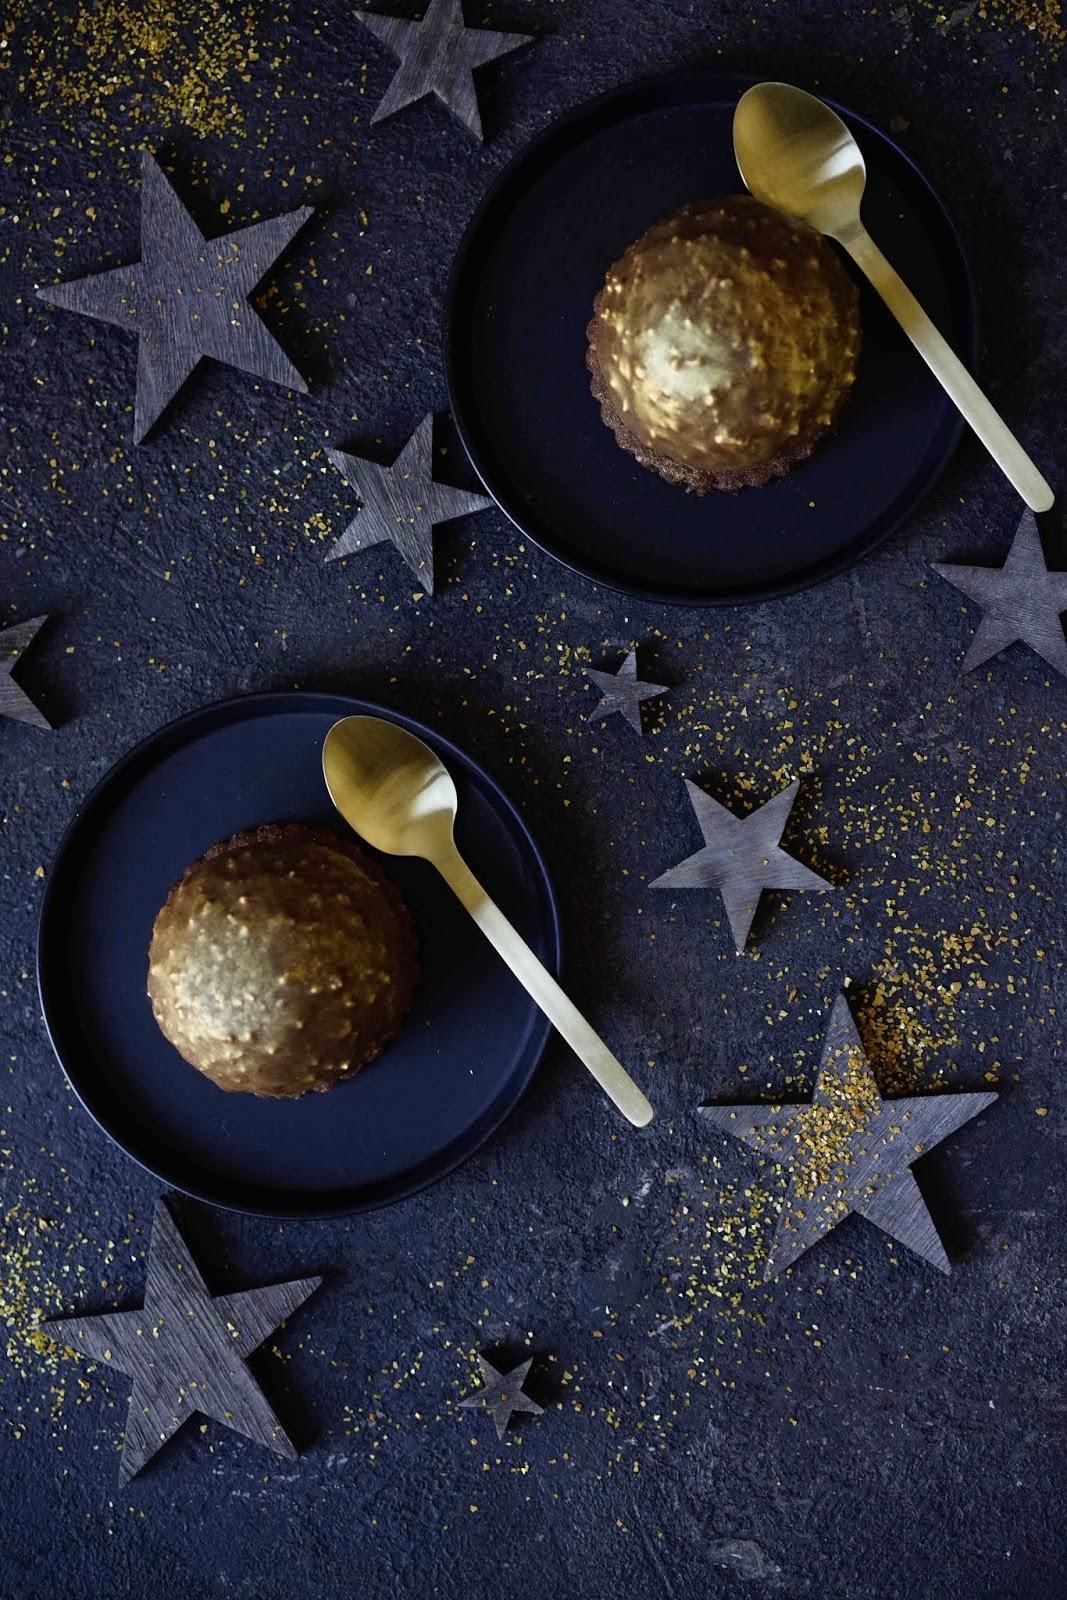 glaçage rocher , dessert de fêtes , recettes festives , dessert au chocolat